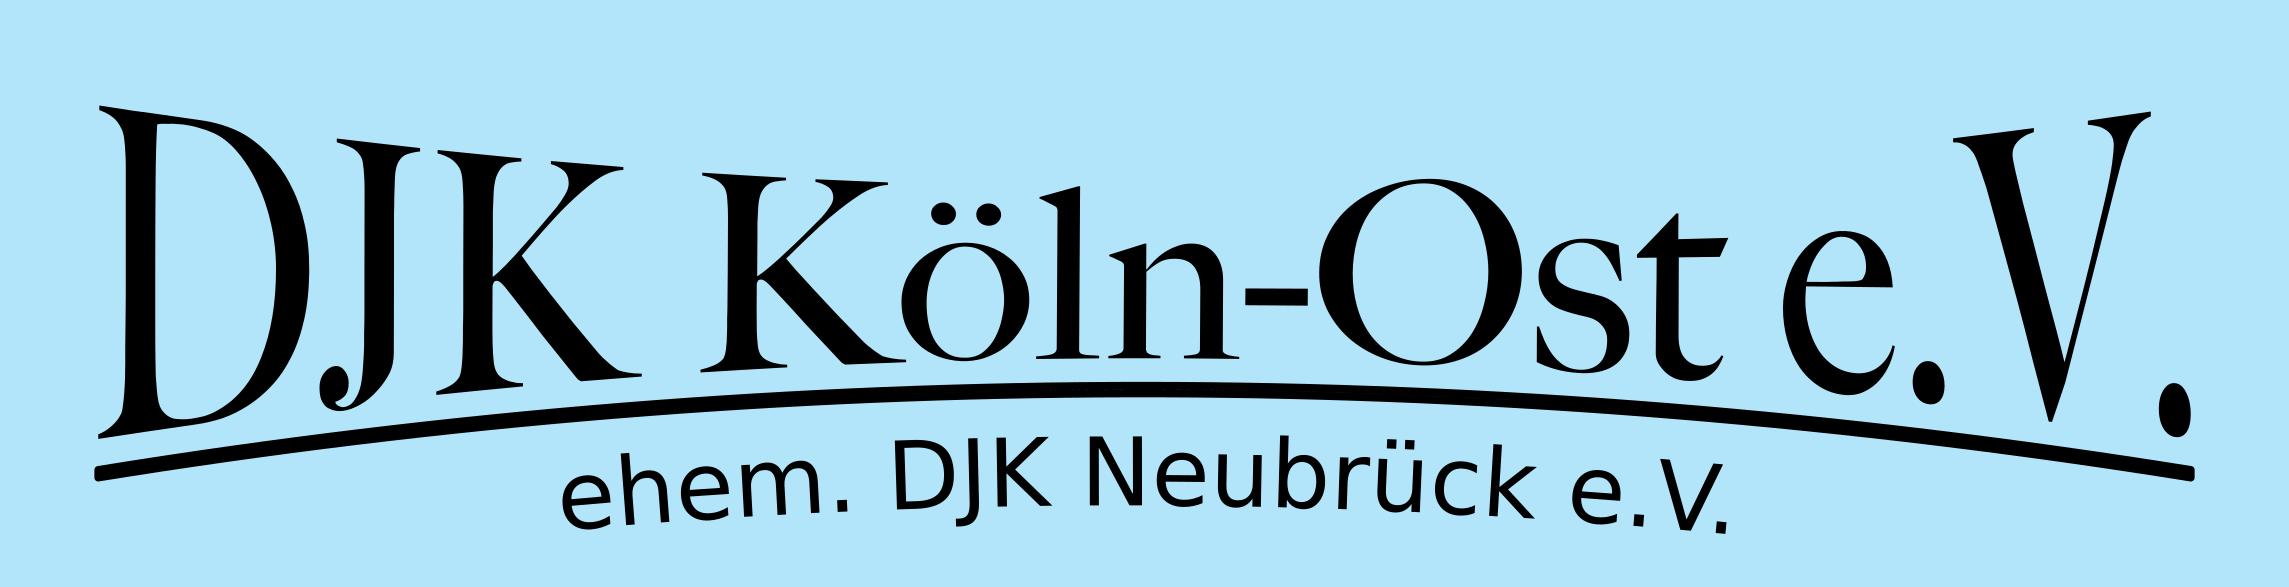 DJK Köln-Ost e.V.